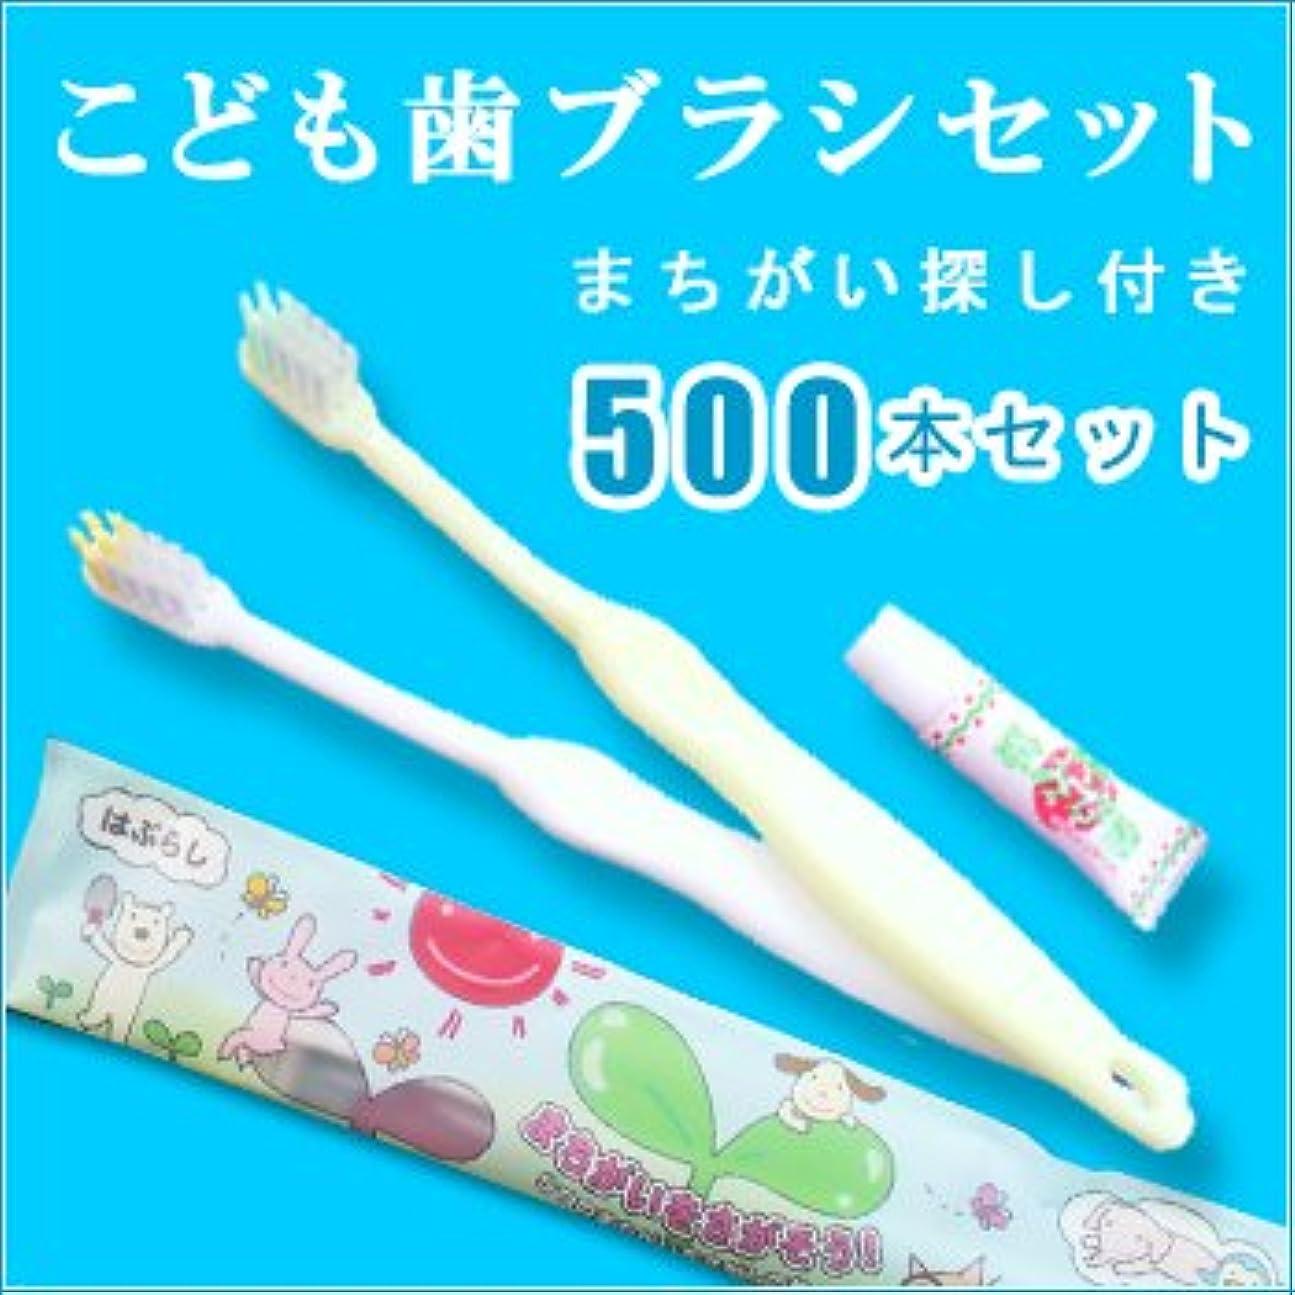 チャット吸い込むスリチンモイこども用歯ブラシ いちご味の歯磨き粉 3gチューブ付 ホワイト?イエロー2色アソート(1セット500本)1本当たり34円